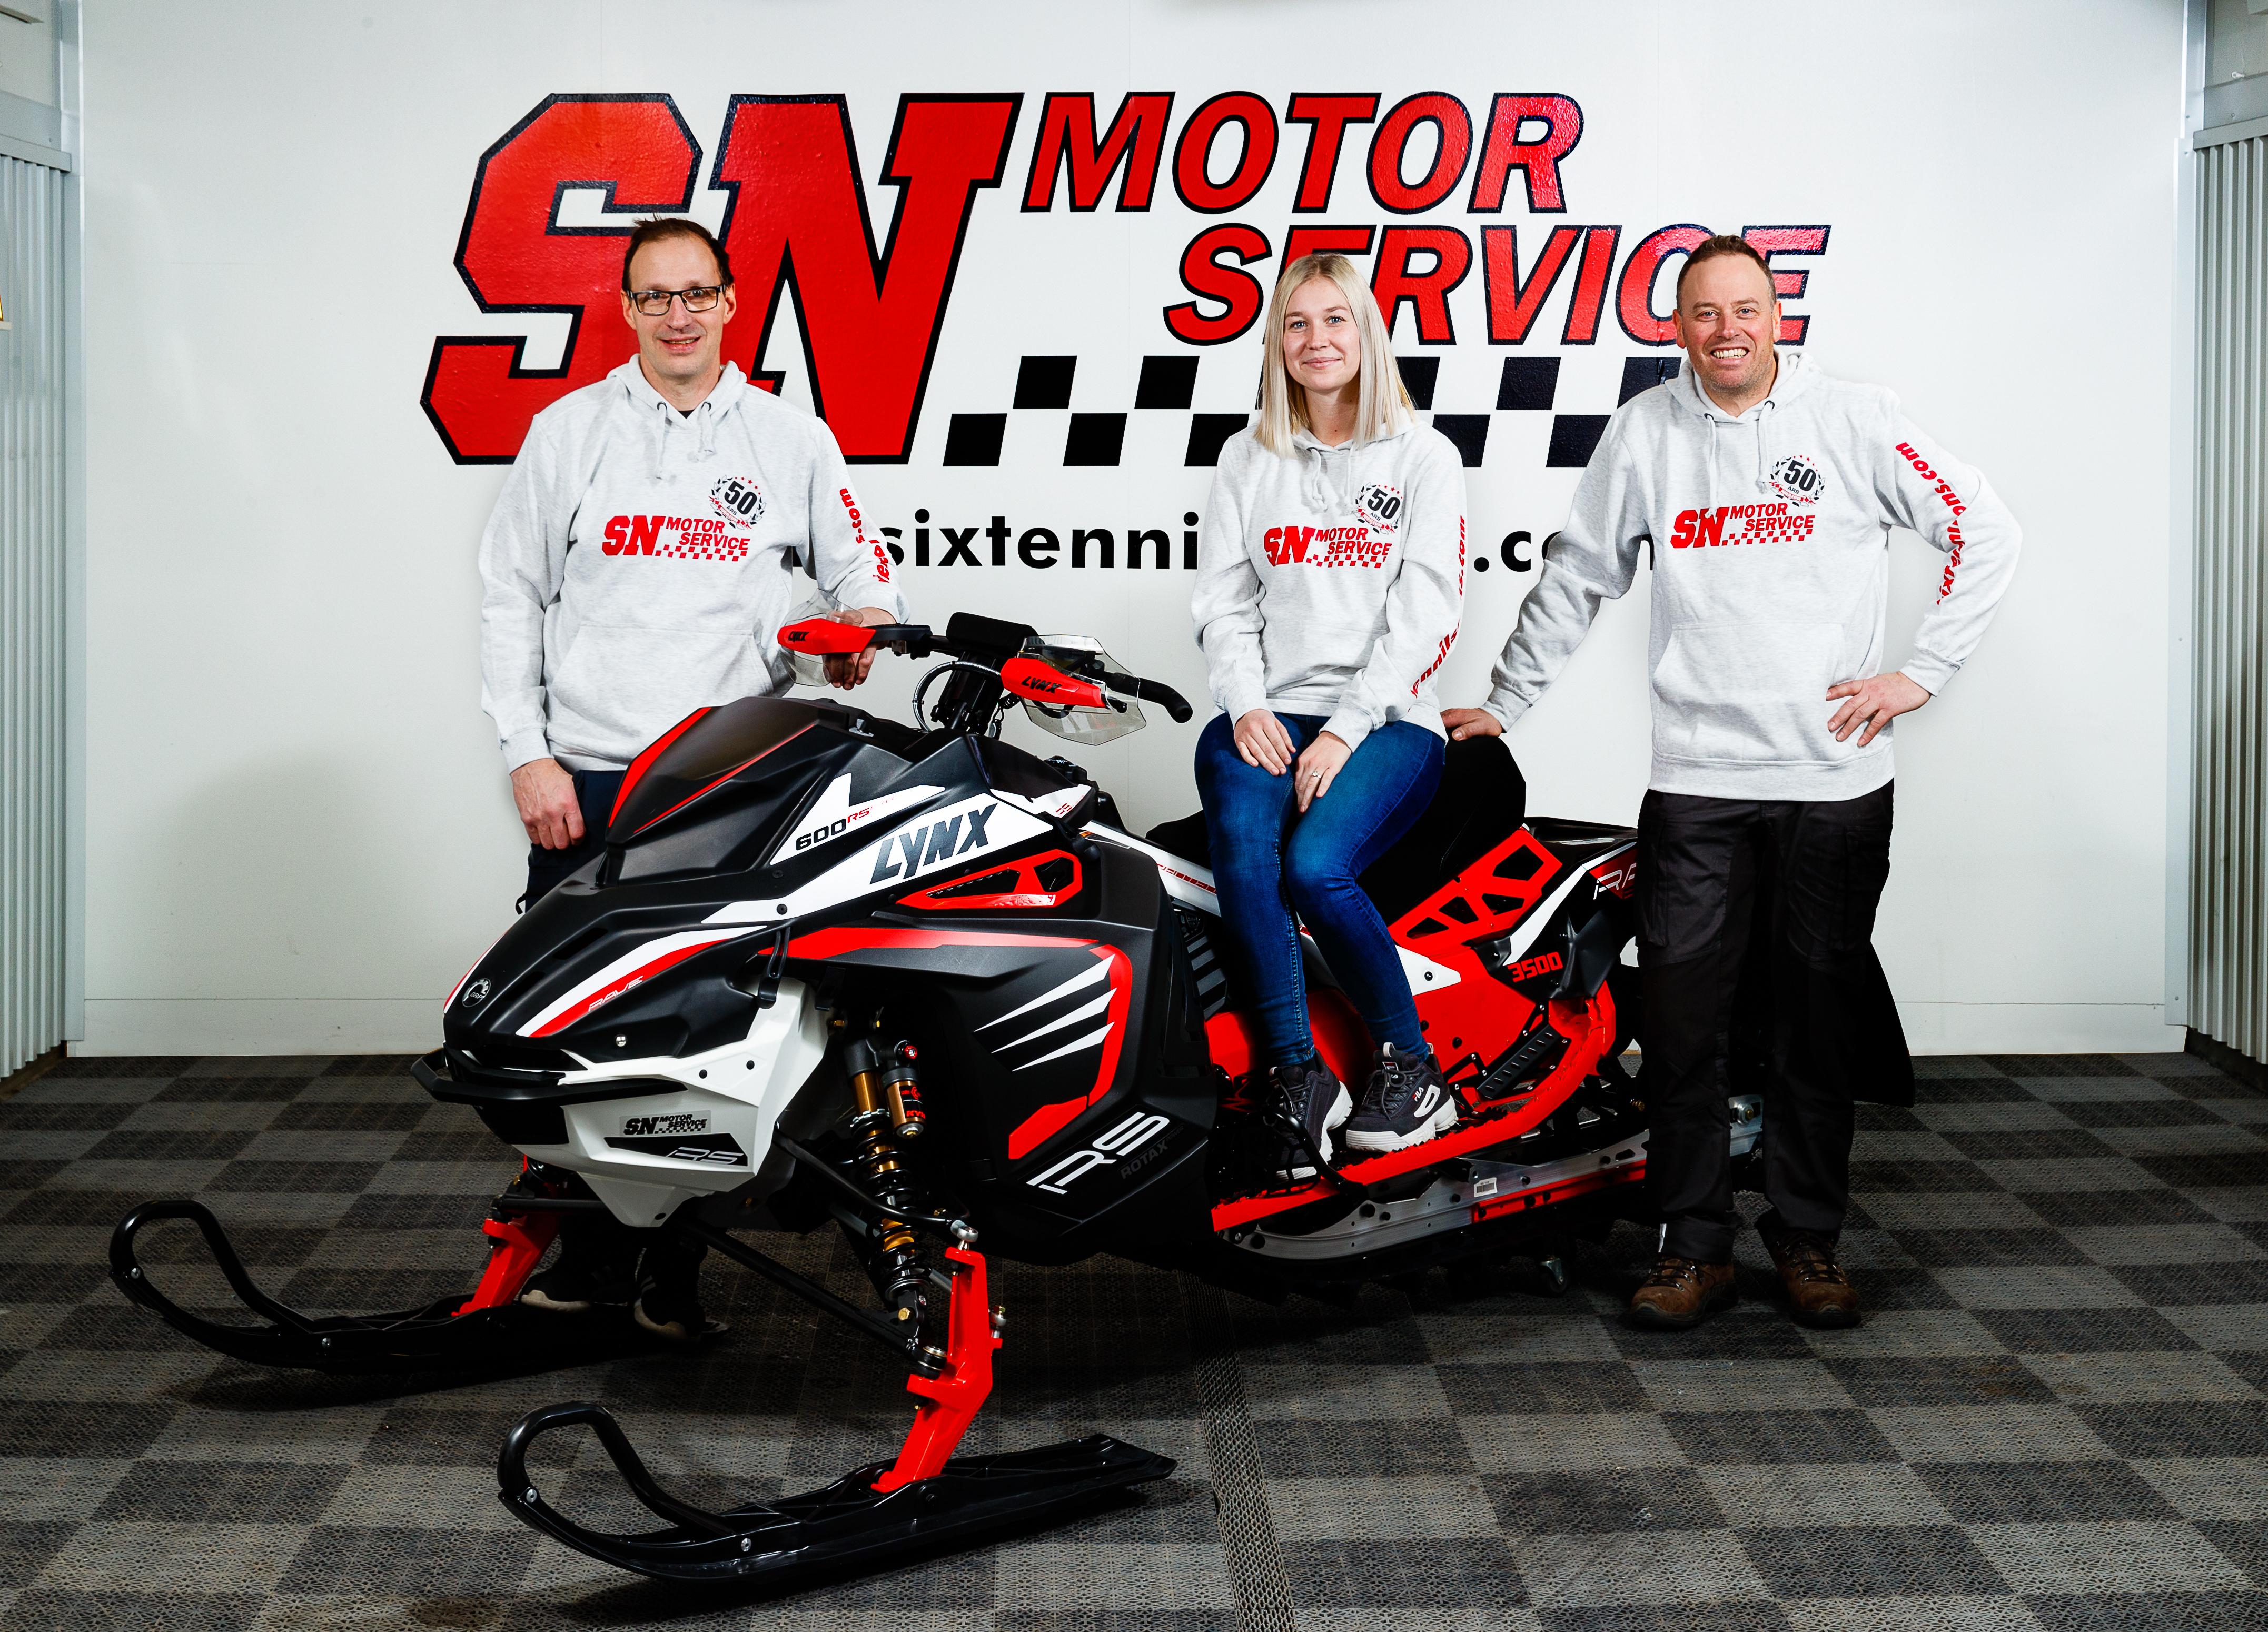 Sixten Nilssons Motorservice, Lena & Kennth Palmér